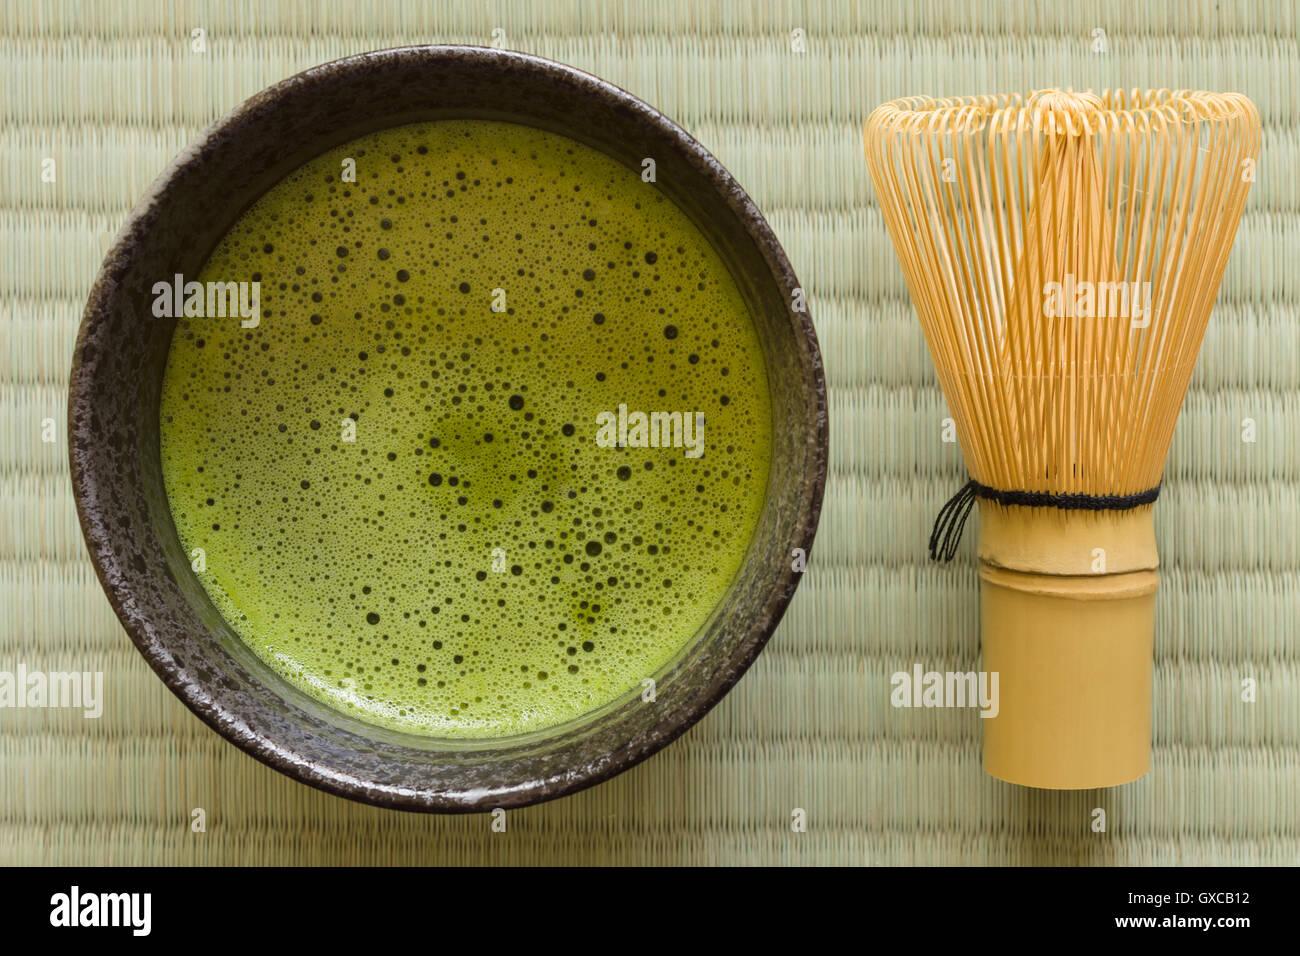 Giapponese di tè verde Matcha in un chawan o tradizionale vaso di ceramica con un chasen o frusta di bambù Immagini Stock